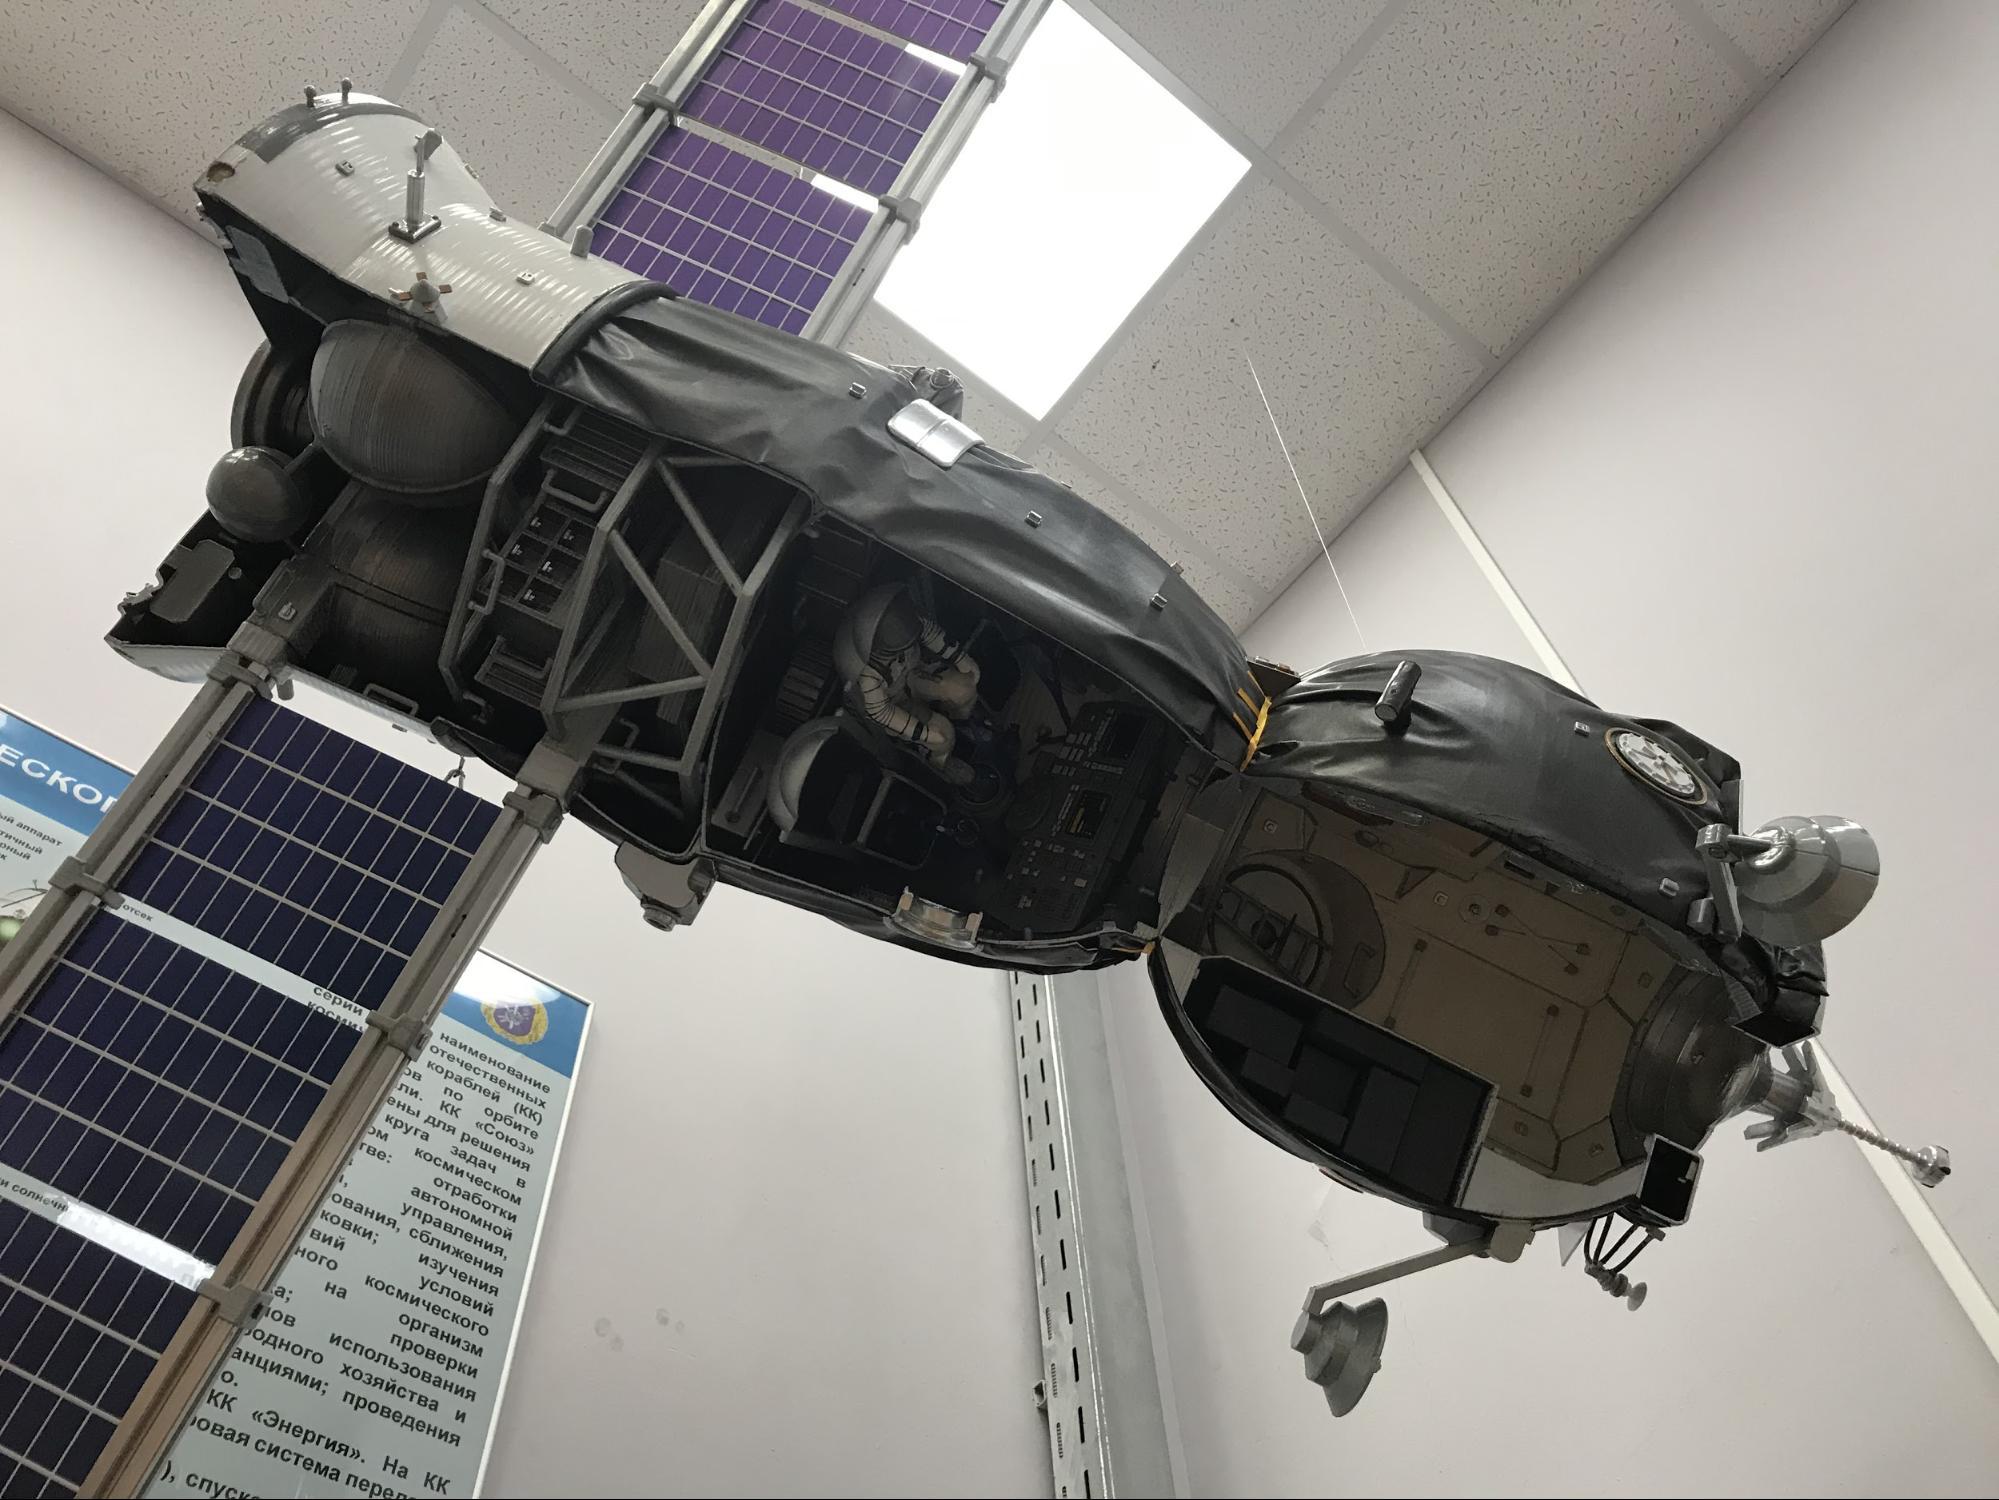 Как мы делали макеты космической техники для Московского авиационного института - 55